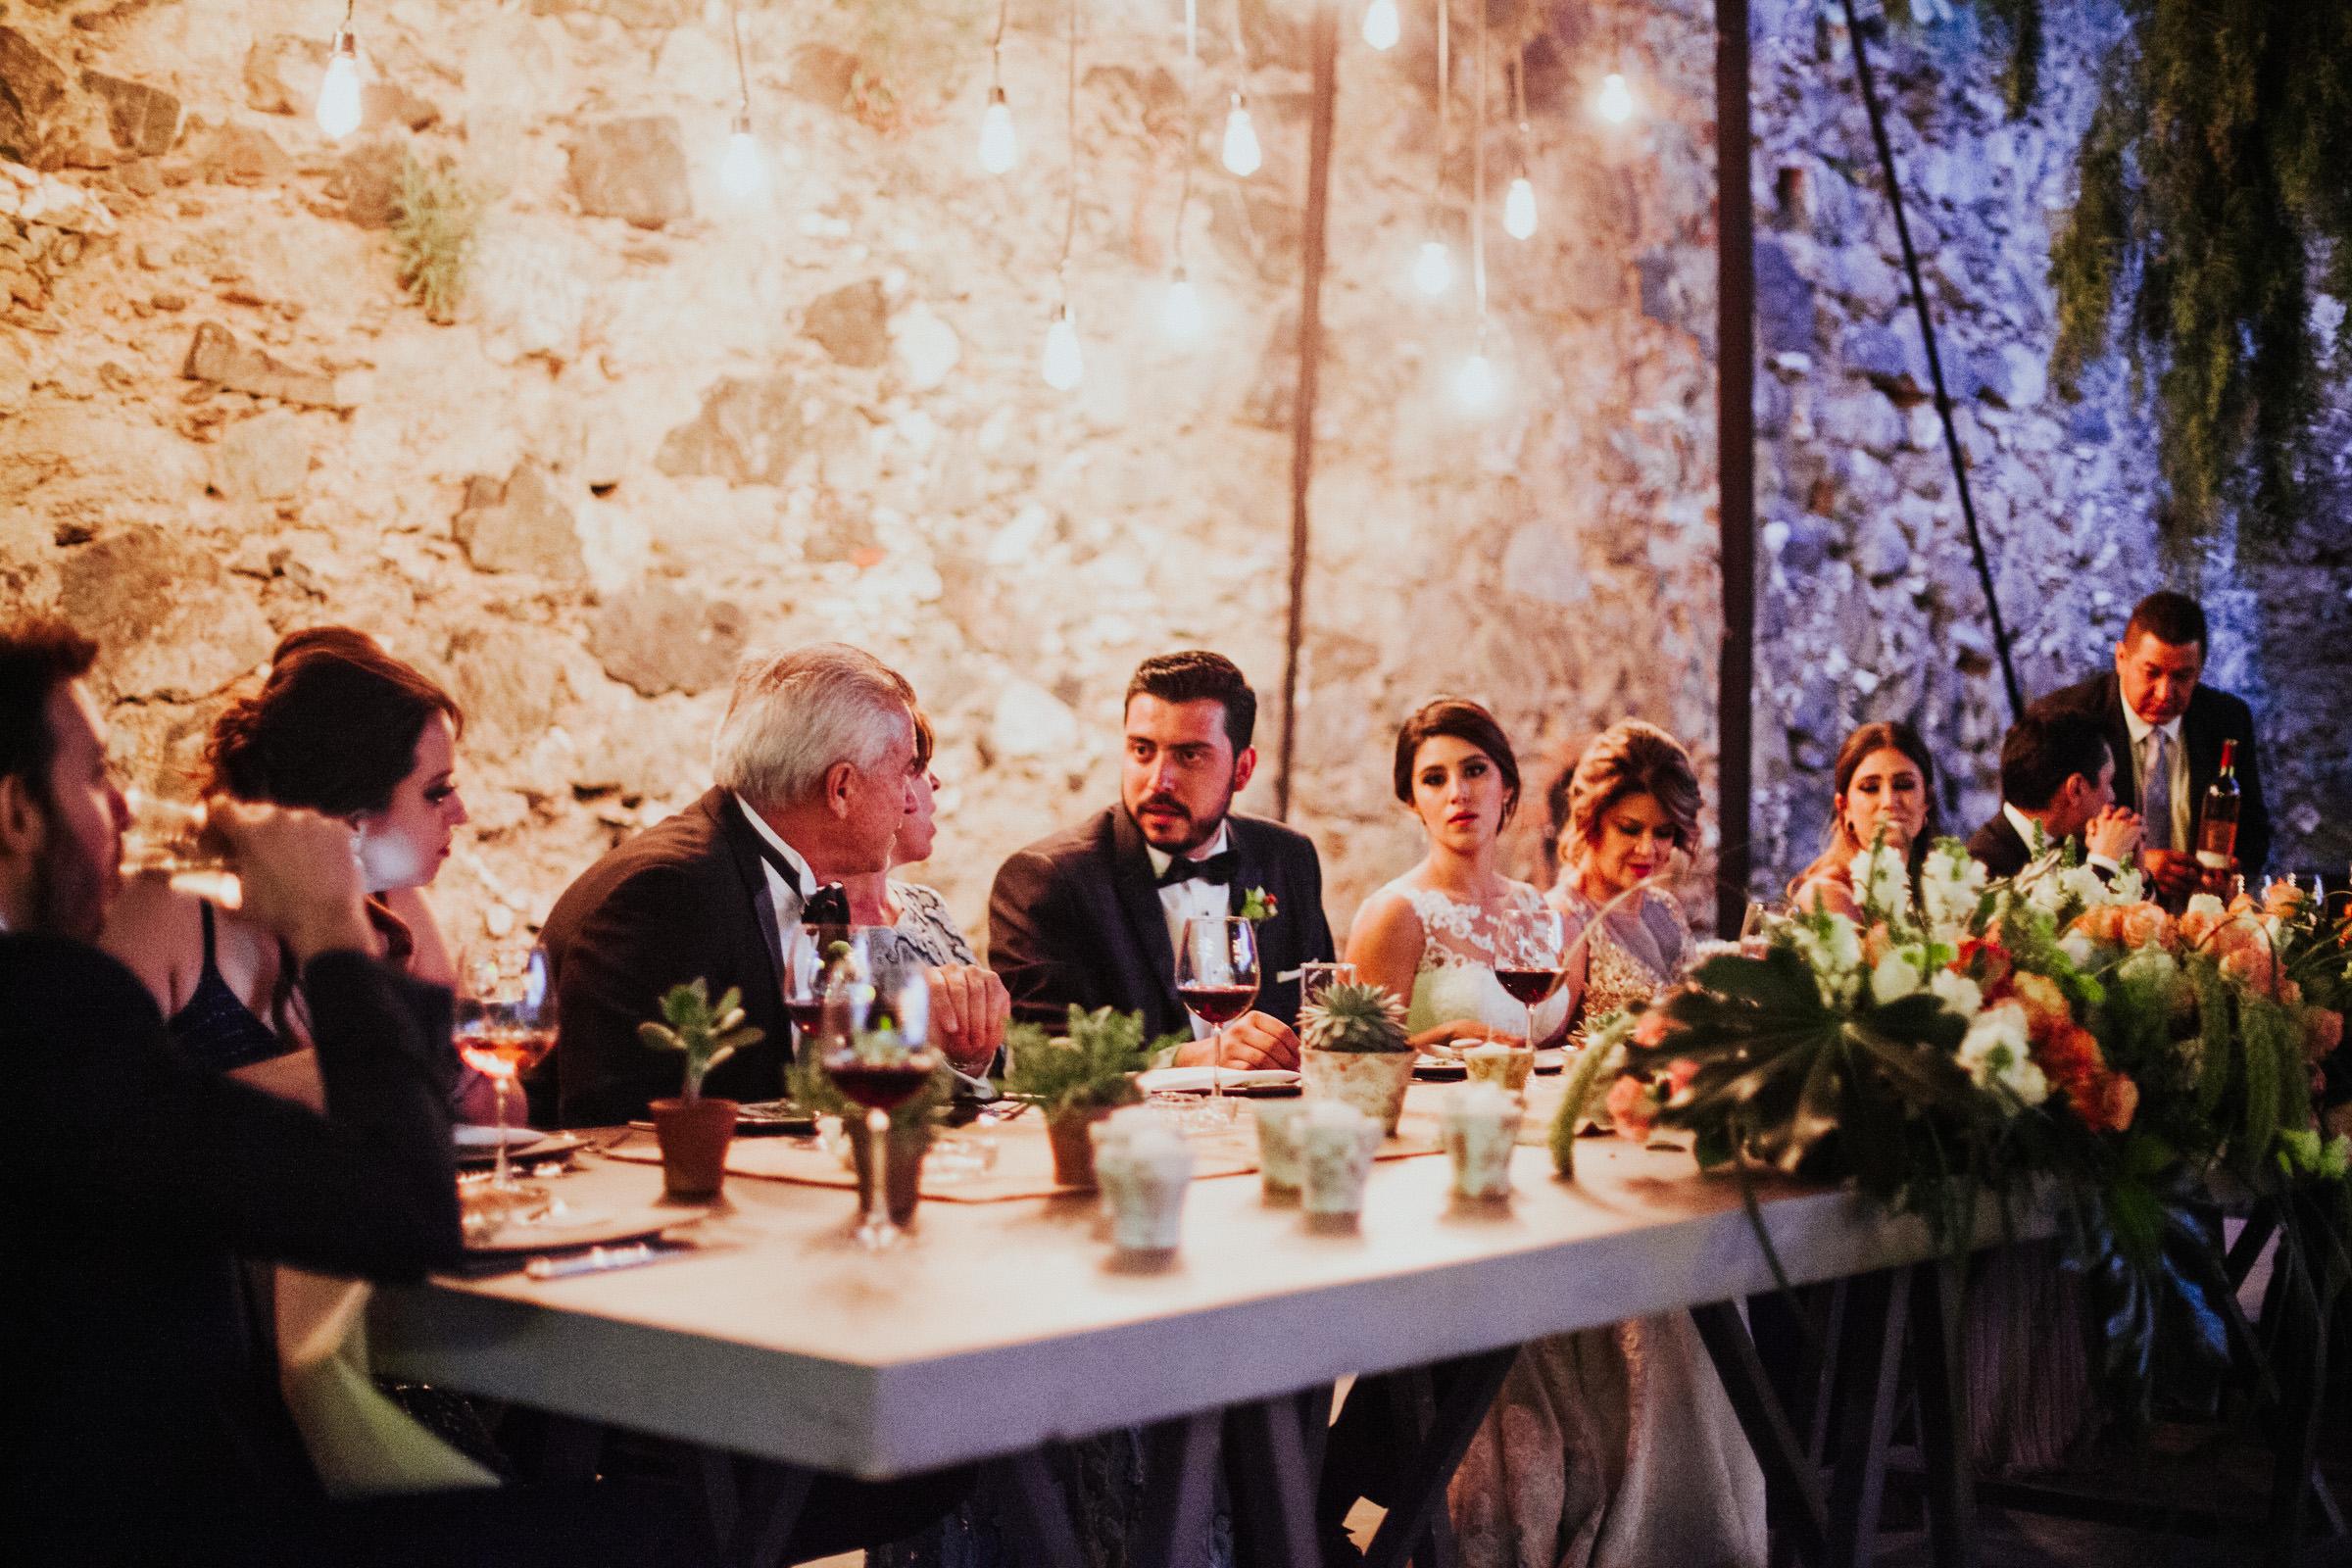 Boda-Guanajuato-Camino-de-Vinos-San-Miguel-Allende-Wedding-Fotografia-Paulina-Mauricio-Pierce0212.JPG